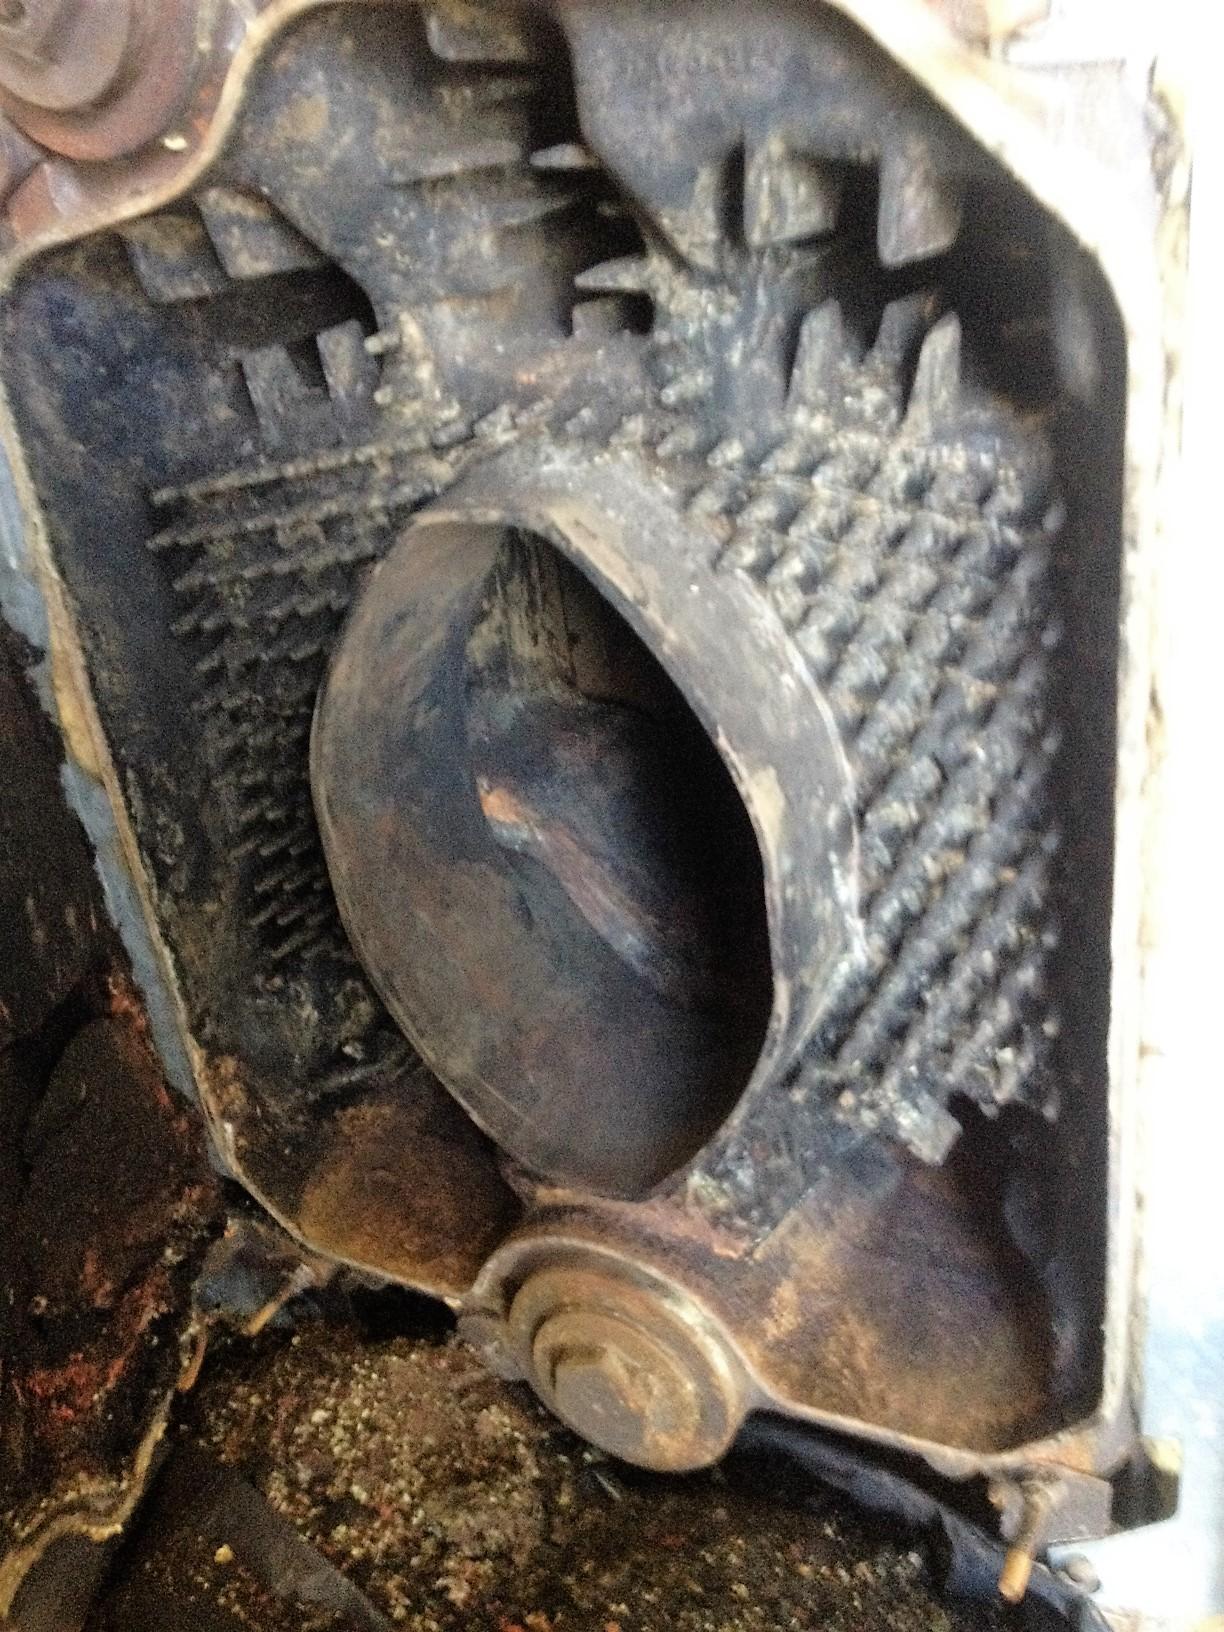 Nettoyage d'un conduit de cheminée (Avant)